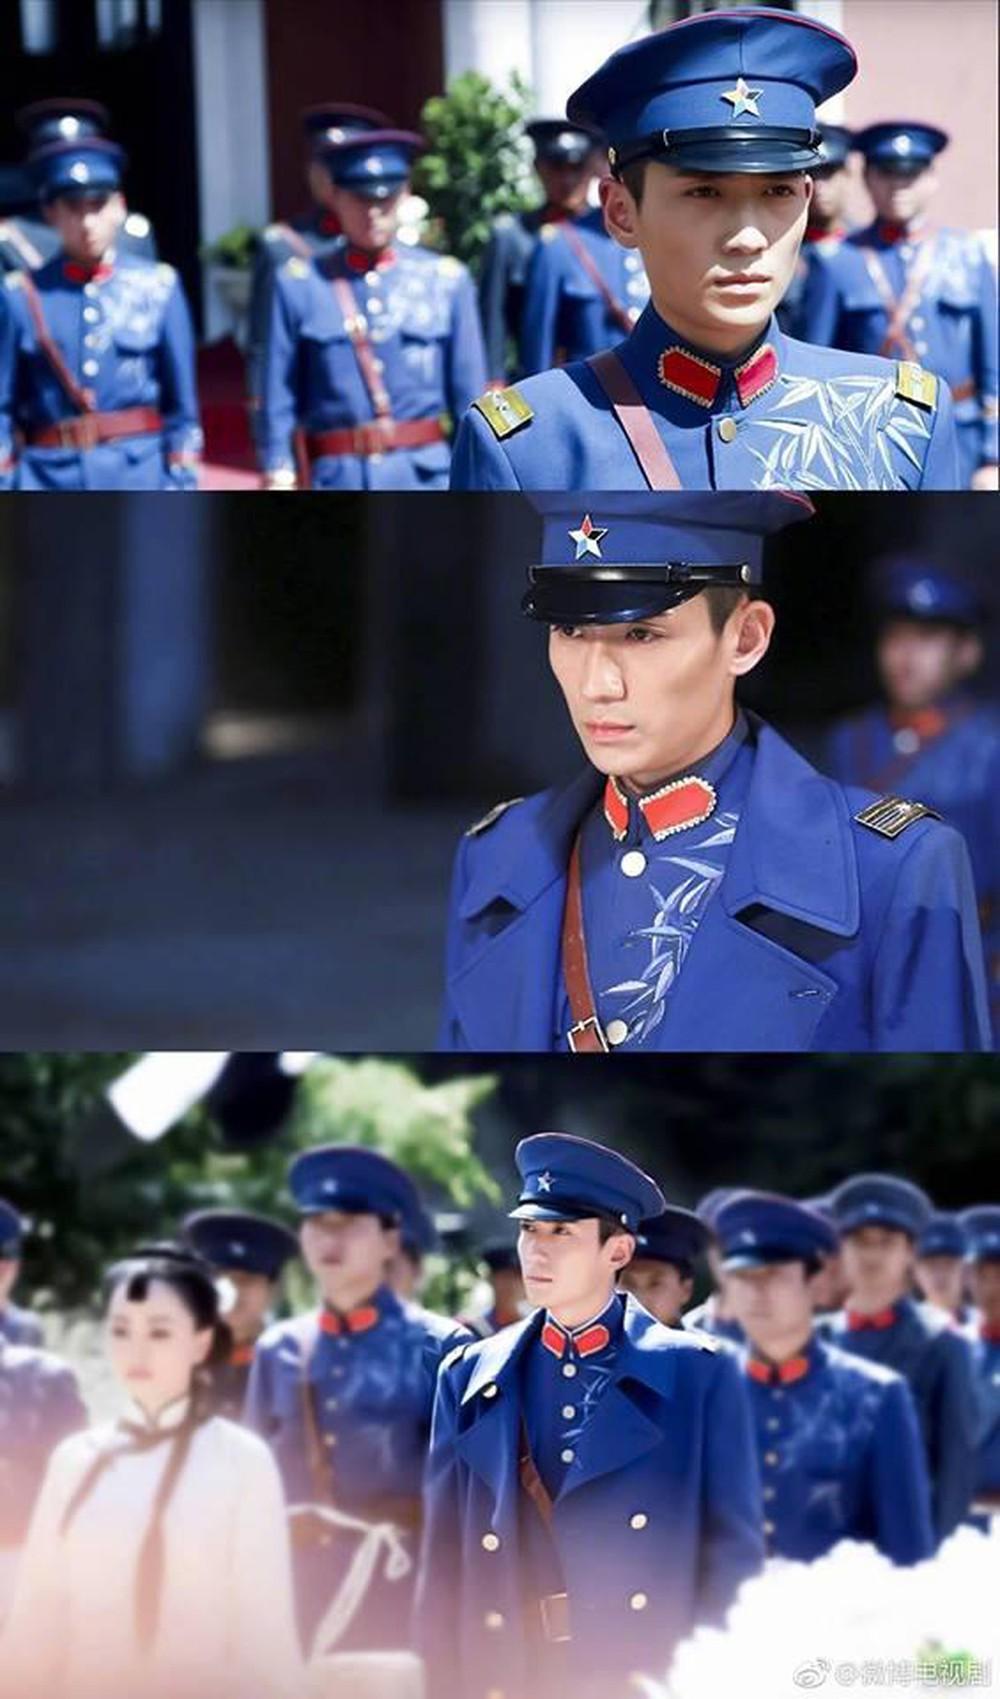 7 quân nhân hớp hồn hàng loạt chị em: Dương Dương điển trai nhưng vẫn không bằng mỹ nam đồng tính - Ảnh 29.